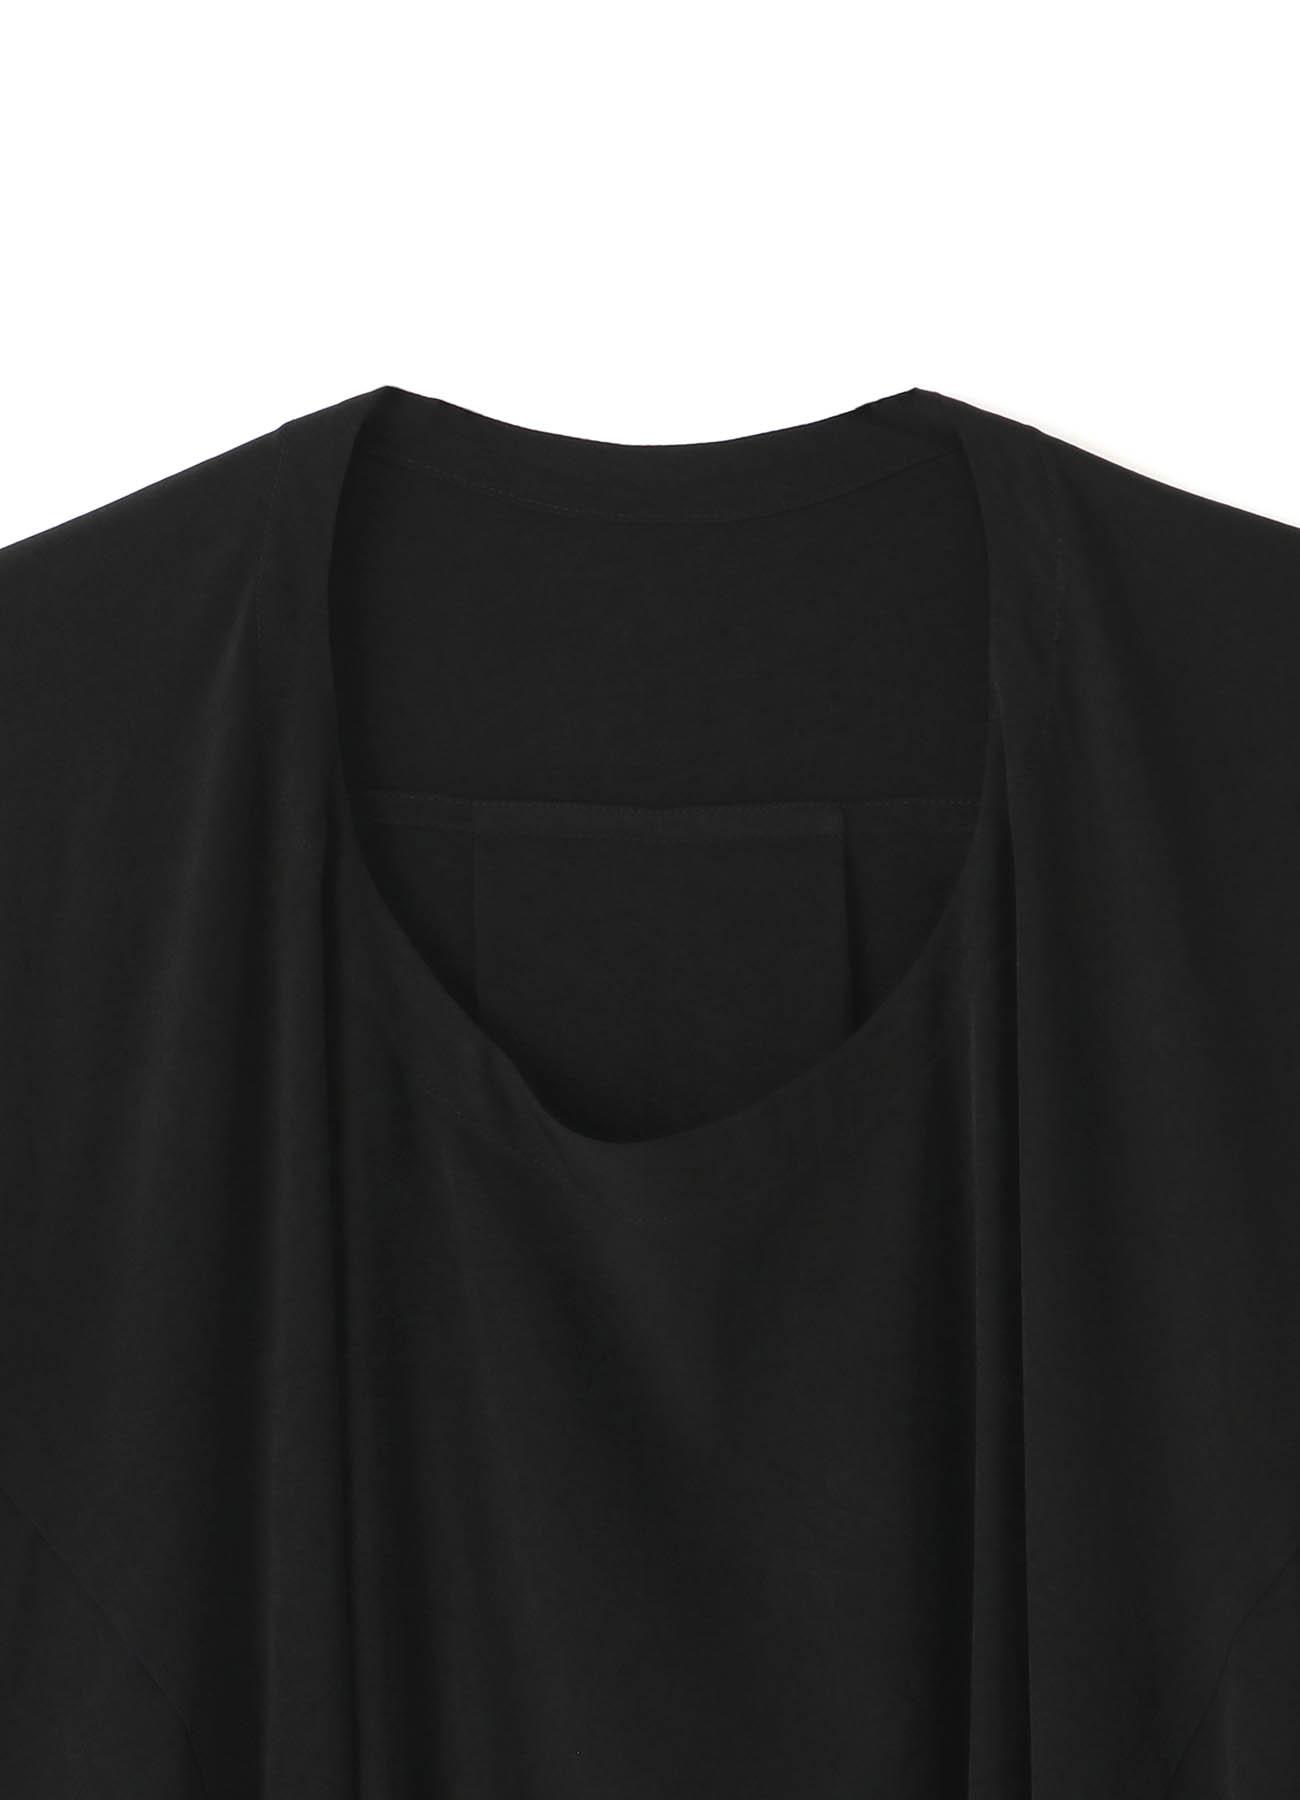 DECYNE FRENCH SLEEVE DRESS